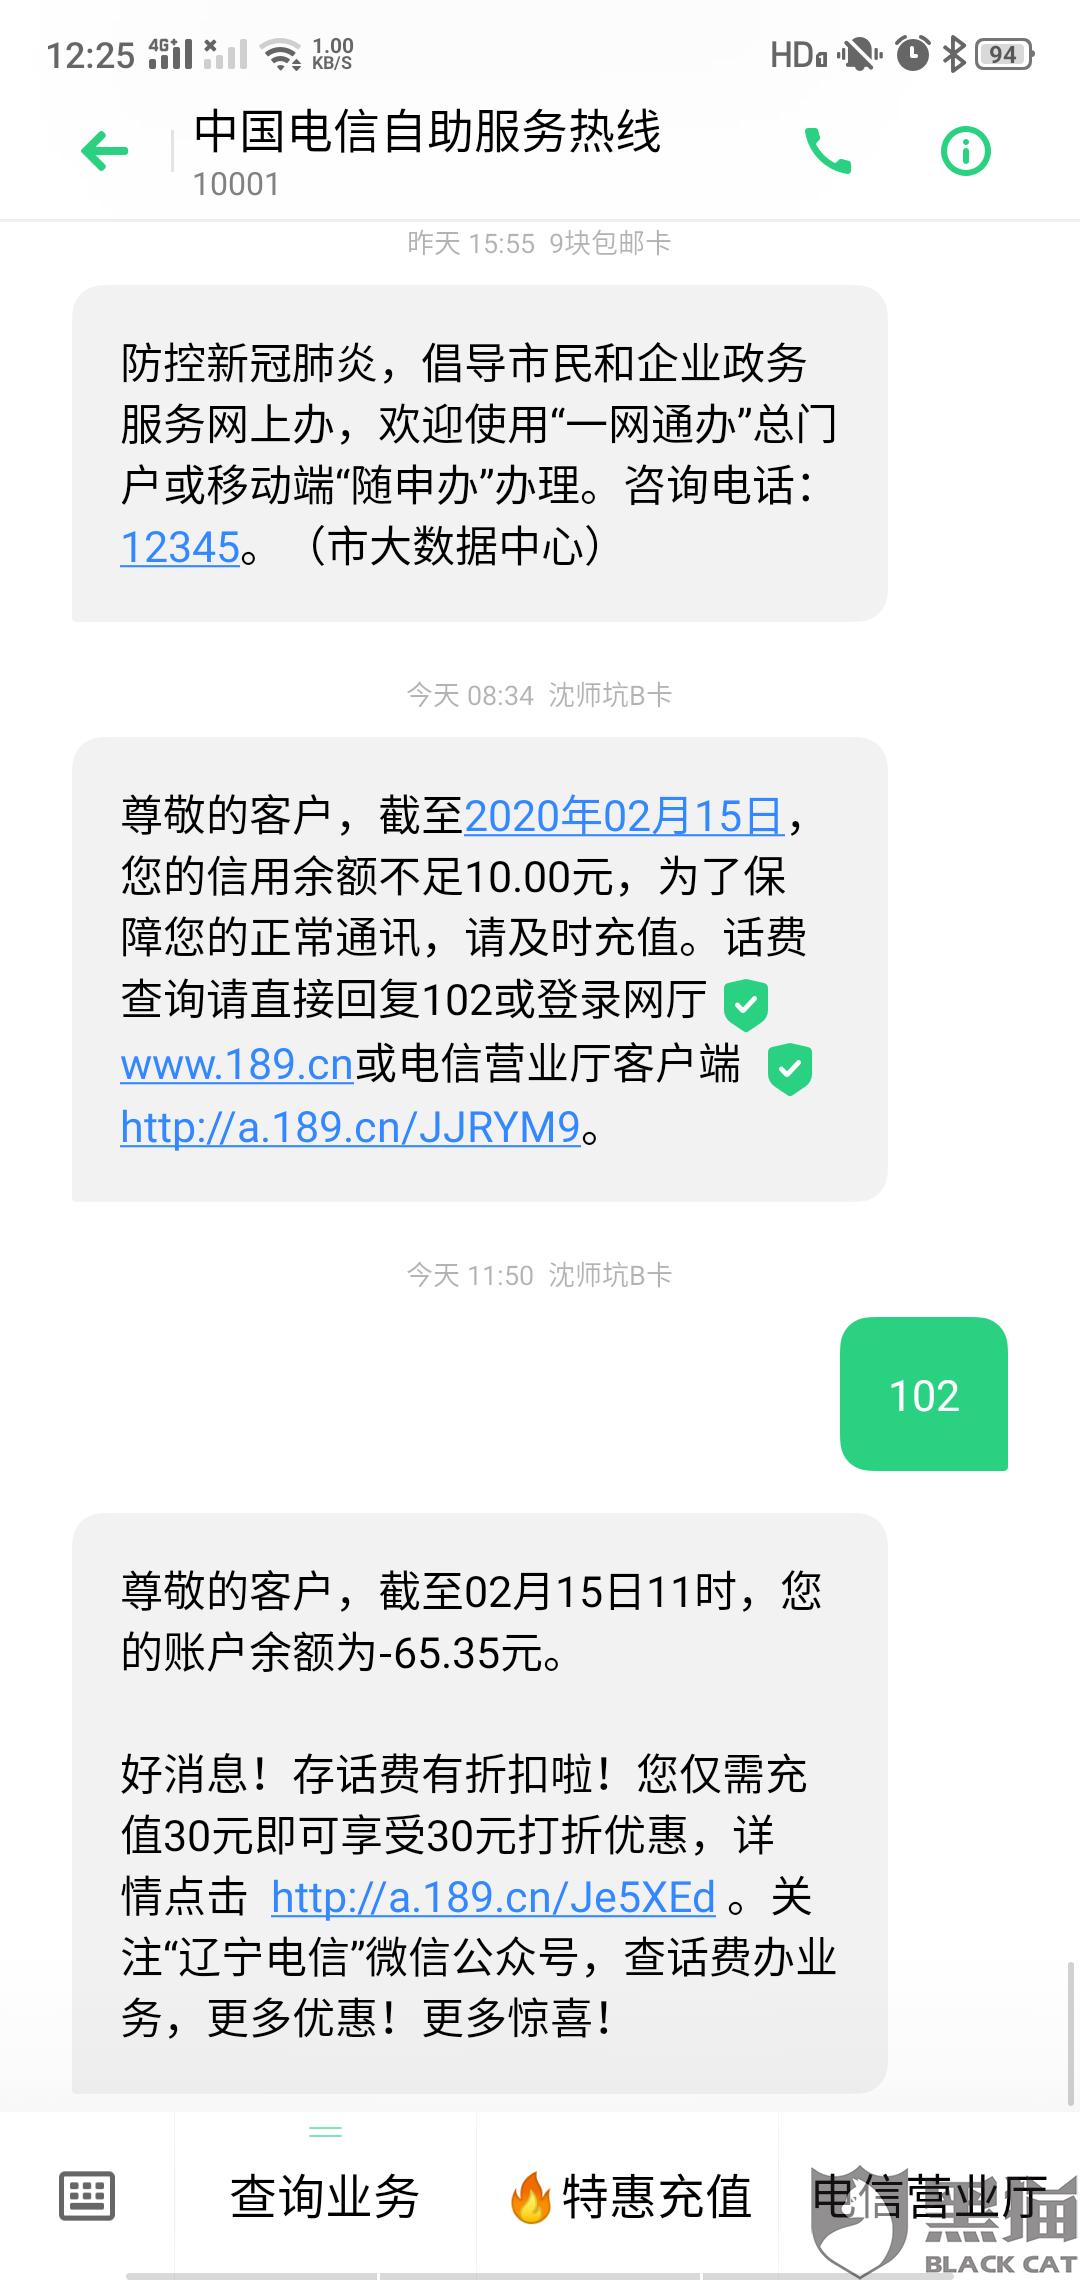 黑猫投诉:SIM卡欠费初始,中国电信未及时通知,导致话费以流量消耗的方式增多